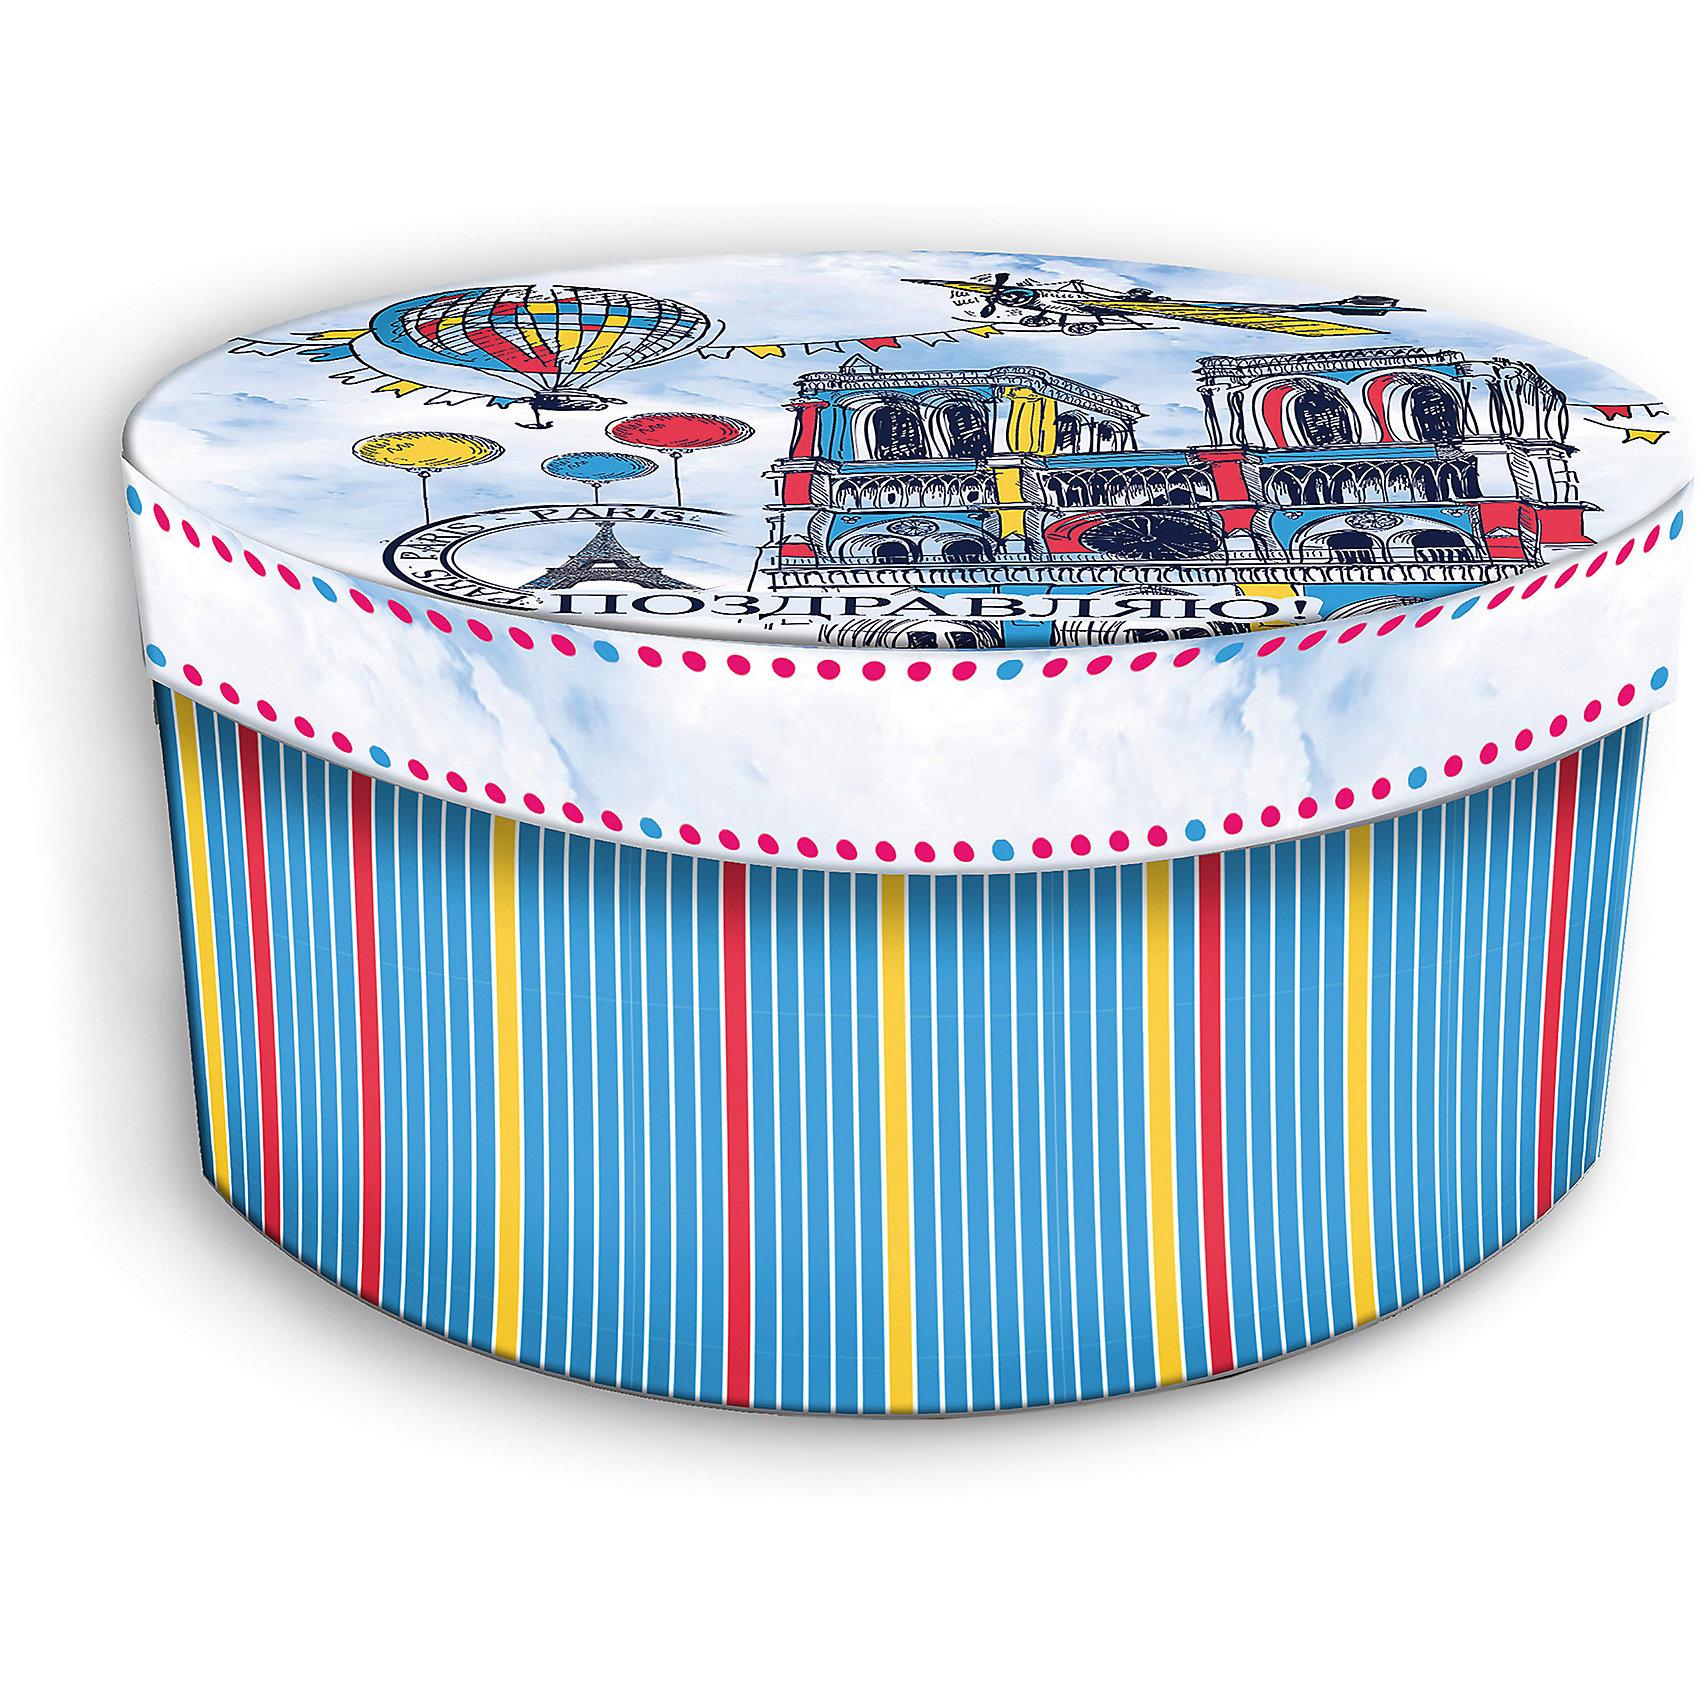 Коробка подарочная Нотр-Дам, Феникс-ПрезентПредметы интерьера<br>Коробка подарочная Нотр-Дам, Феникс-Презент<br><br>Характеристики:<br><br>• подарочная коробка с крышкой<br>• оригинальный дизайн<br>• изготовлена из мелованного ламинированного картона<br>• плотность 1100 г/м2<br>• рисунок на внутренней и наружной стороне<br>• размер: 14х14х7 см<br><br>Красивая подарочная коробка подарит массу положительных эмоций и создаст праздничное настроение. Коробка Нотр-Дам изготовлена из плотного ламинированного картона. Наружная сторона оформлена ярким изображением известного собора Парижа и надписью Поздравляю!. Изделие имеет круглую форму, закрывается с помощью крышки. Такой подарок не оставит получателя равнодушным!<br><br>Коробка подарочная Нотр-Дам, Феникс-Презент вы можете купить в нашем интернет-магазине.<br><br>Ширина мм: 140<br>Глубина мм: 140<br>Высота мм: 70<br>Вес г: 60<br>Возраст от месяцев: 36<br>Возраст до месяцев: 2147483647<br>Пол: Унисекс<br>Возраст: Детский<br>SKU: 5449646